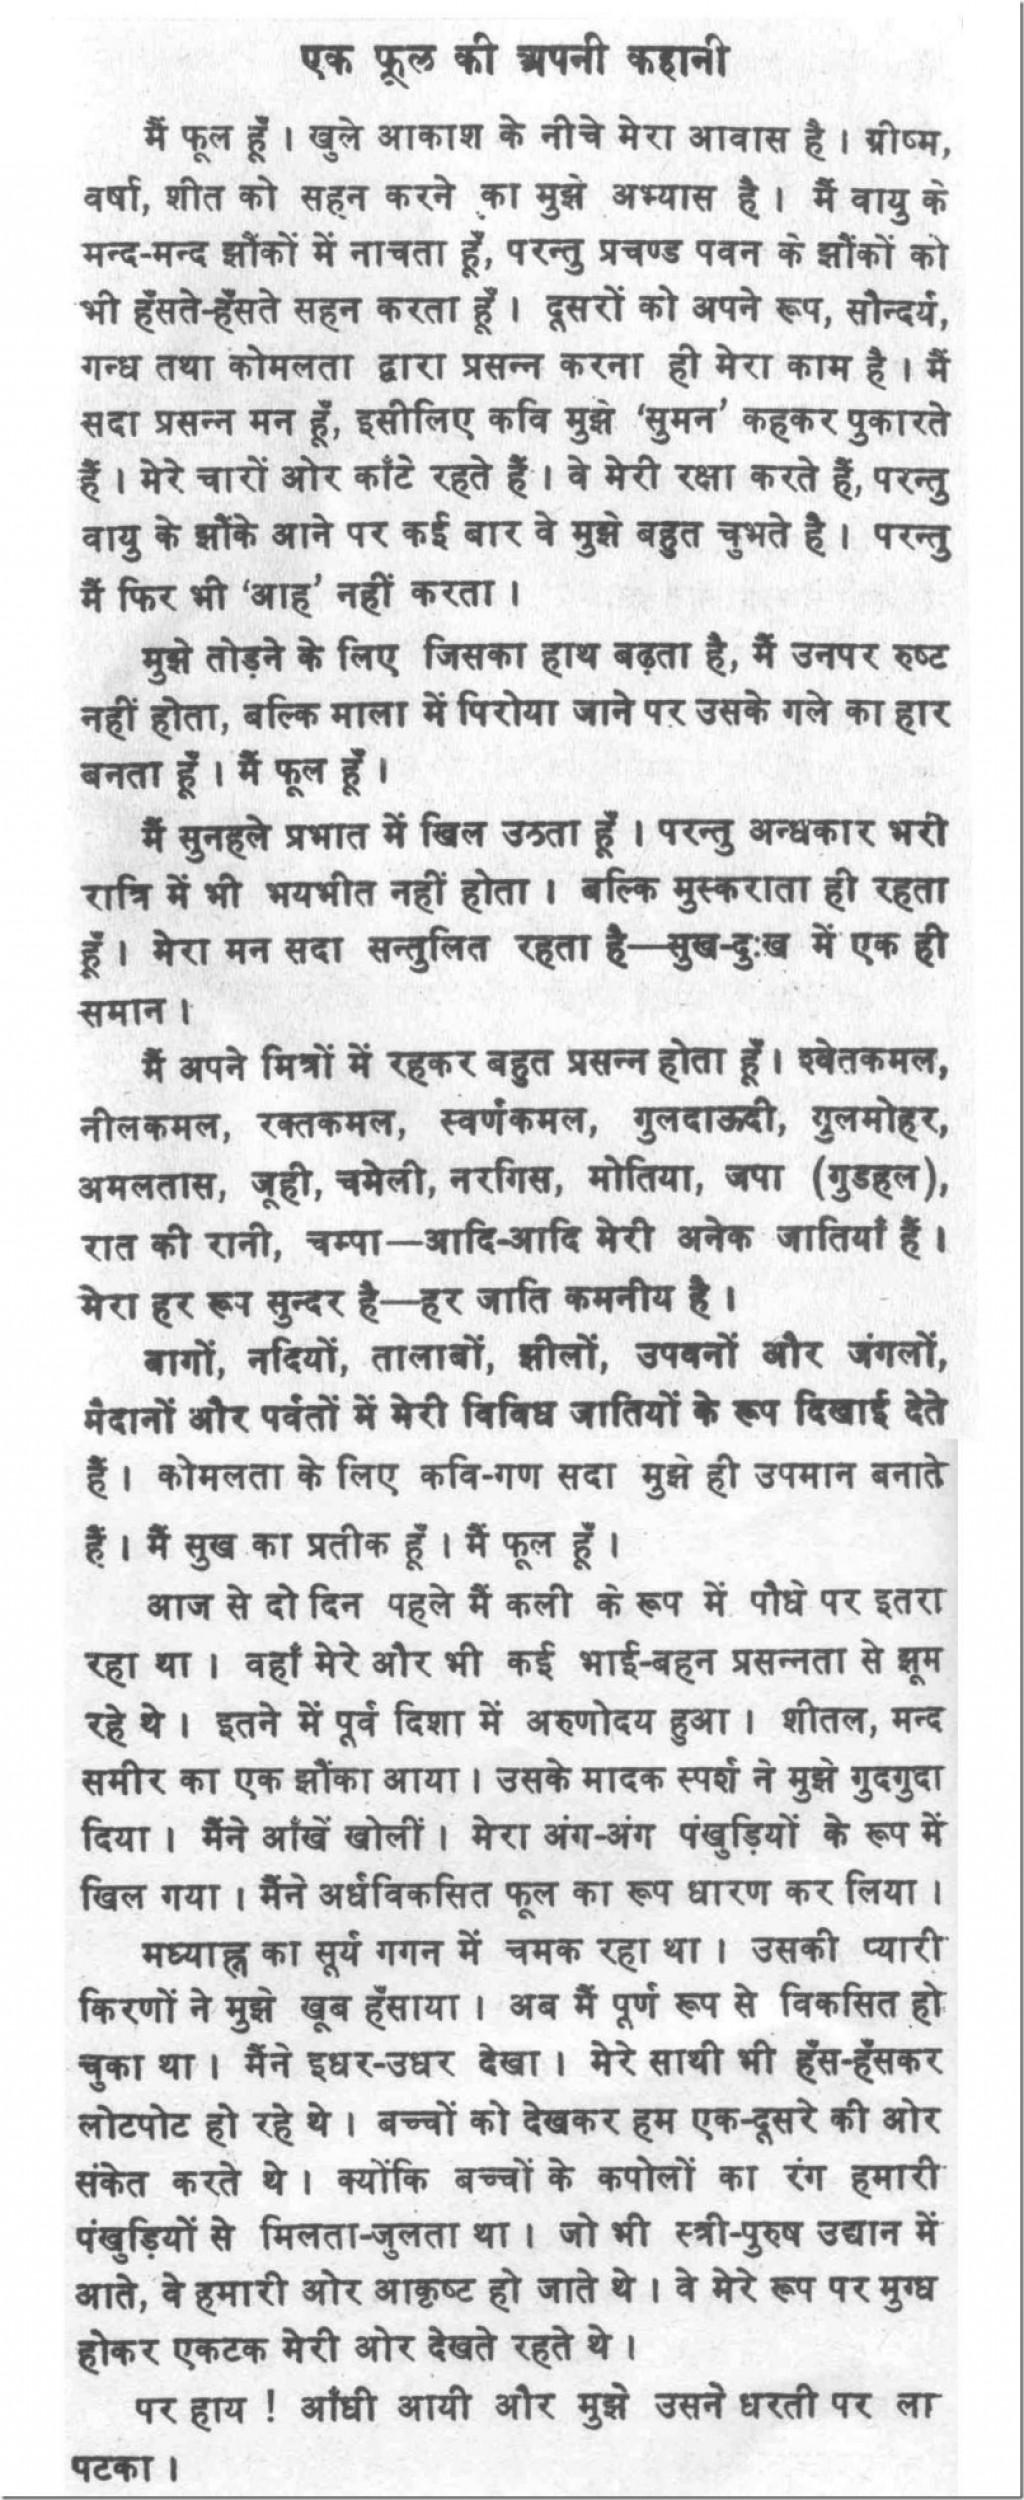 017 About Rose Flower Essay Example 100030 Thumbresize8062c1968 Unbelievable In Marathi Kannada Language Large